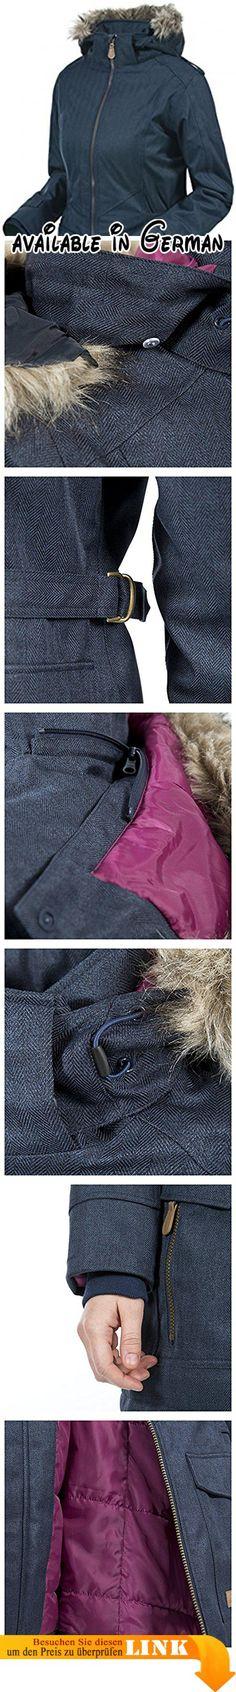 Trespass Damen Wasserdichte Jacke Women'für den täglichen Gebrauch xl Blau - navy. 3000 mm wasserdicht. Einstellbare zip off hood. Gepolsterte Jacke. 2 Fächer mit Reißverschluss. Abnehmbarer Kunstfellbesatz #Sports #SPORTING_GOODS